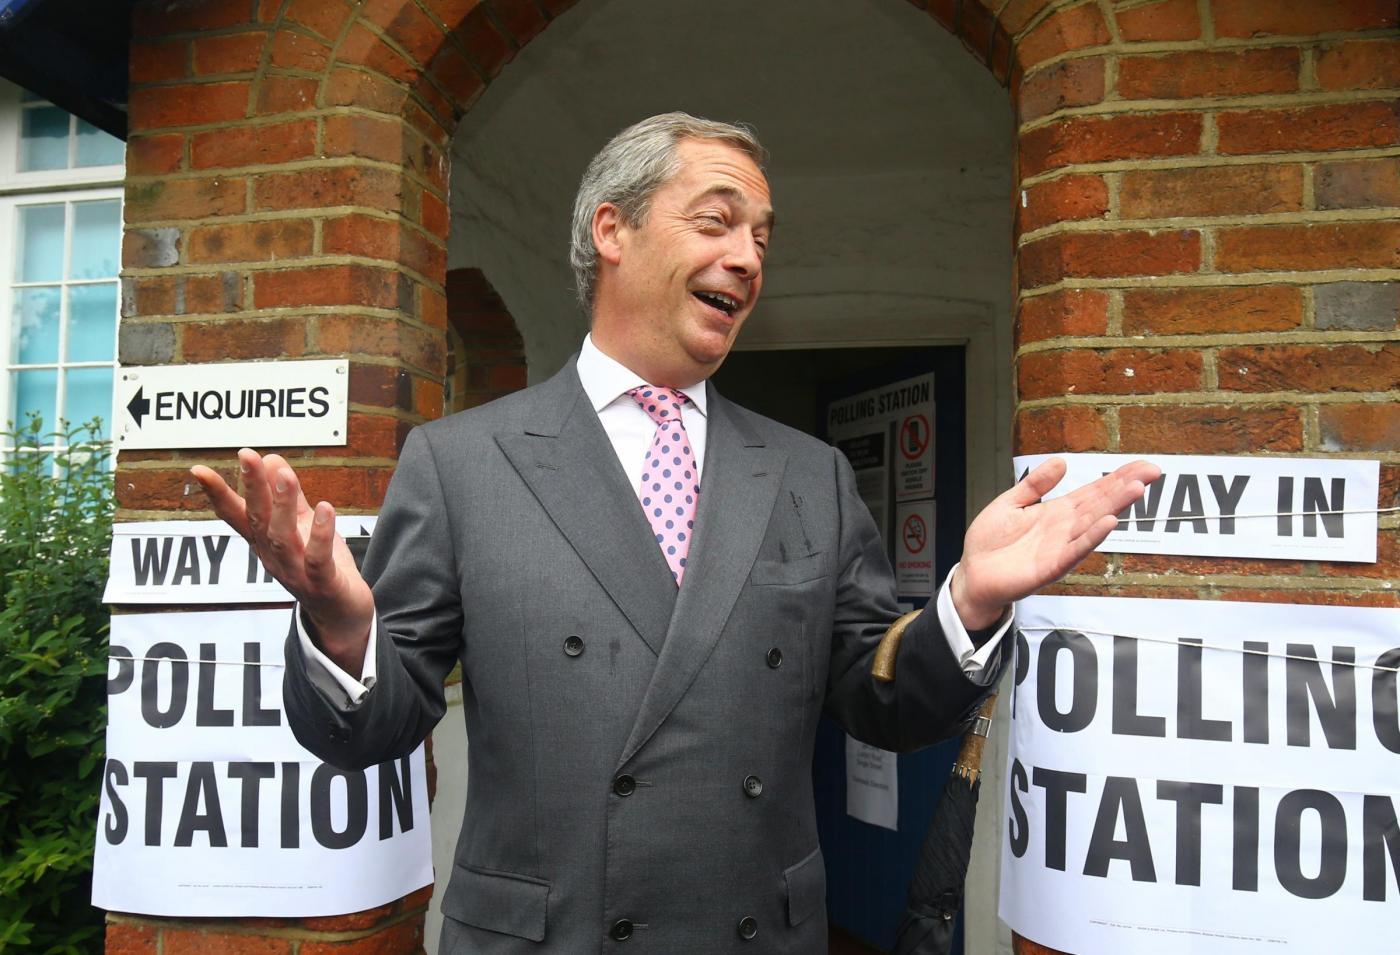 Regno Unito, i politici al voto sulla Brexit